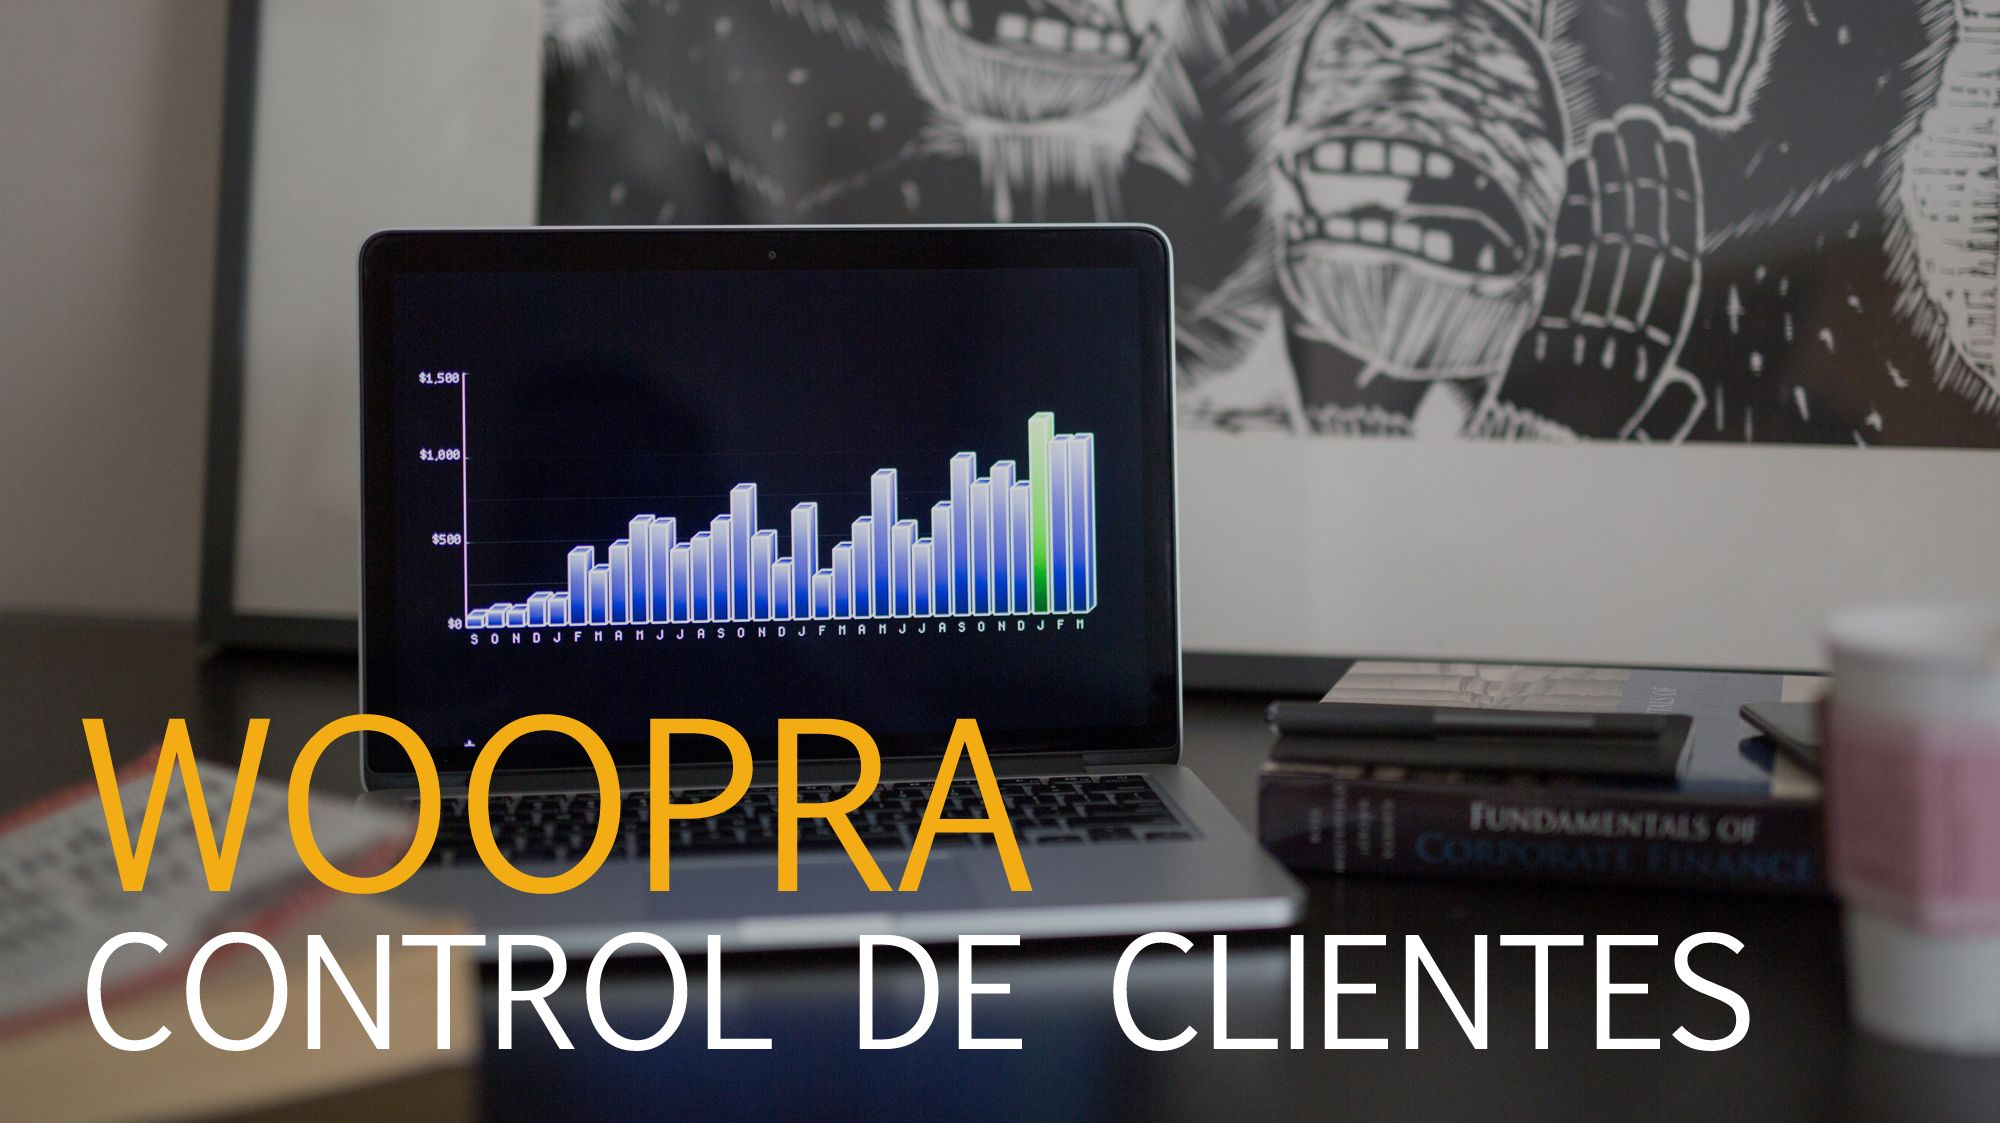 gestión de clientes con Woopra